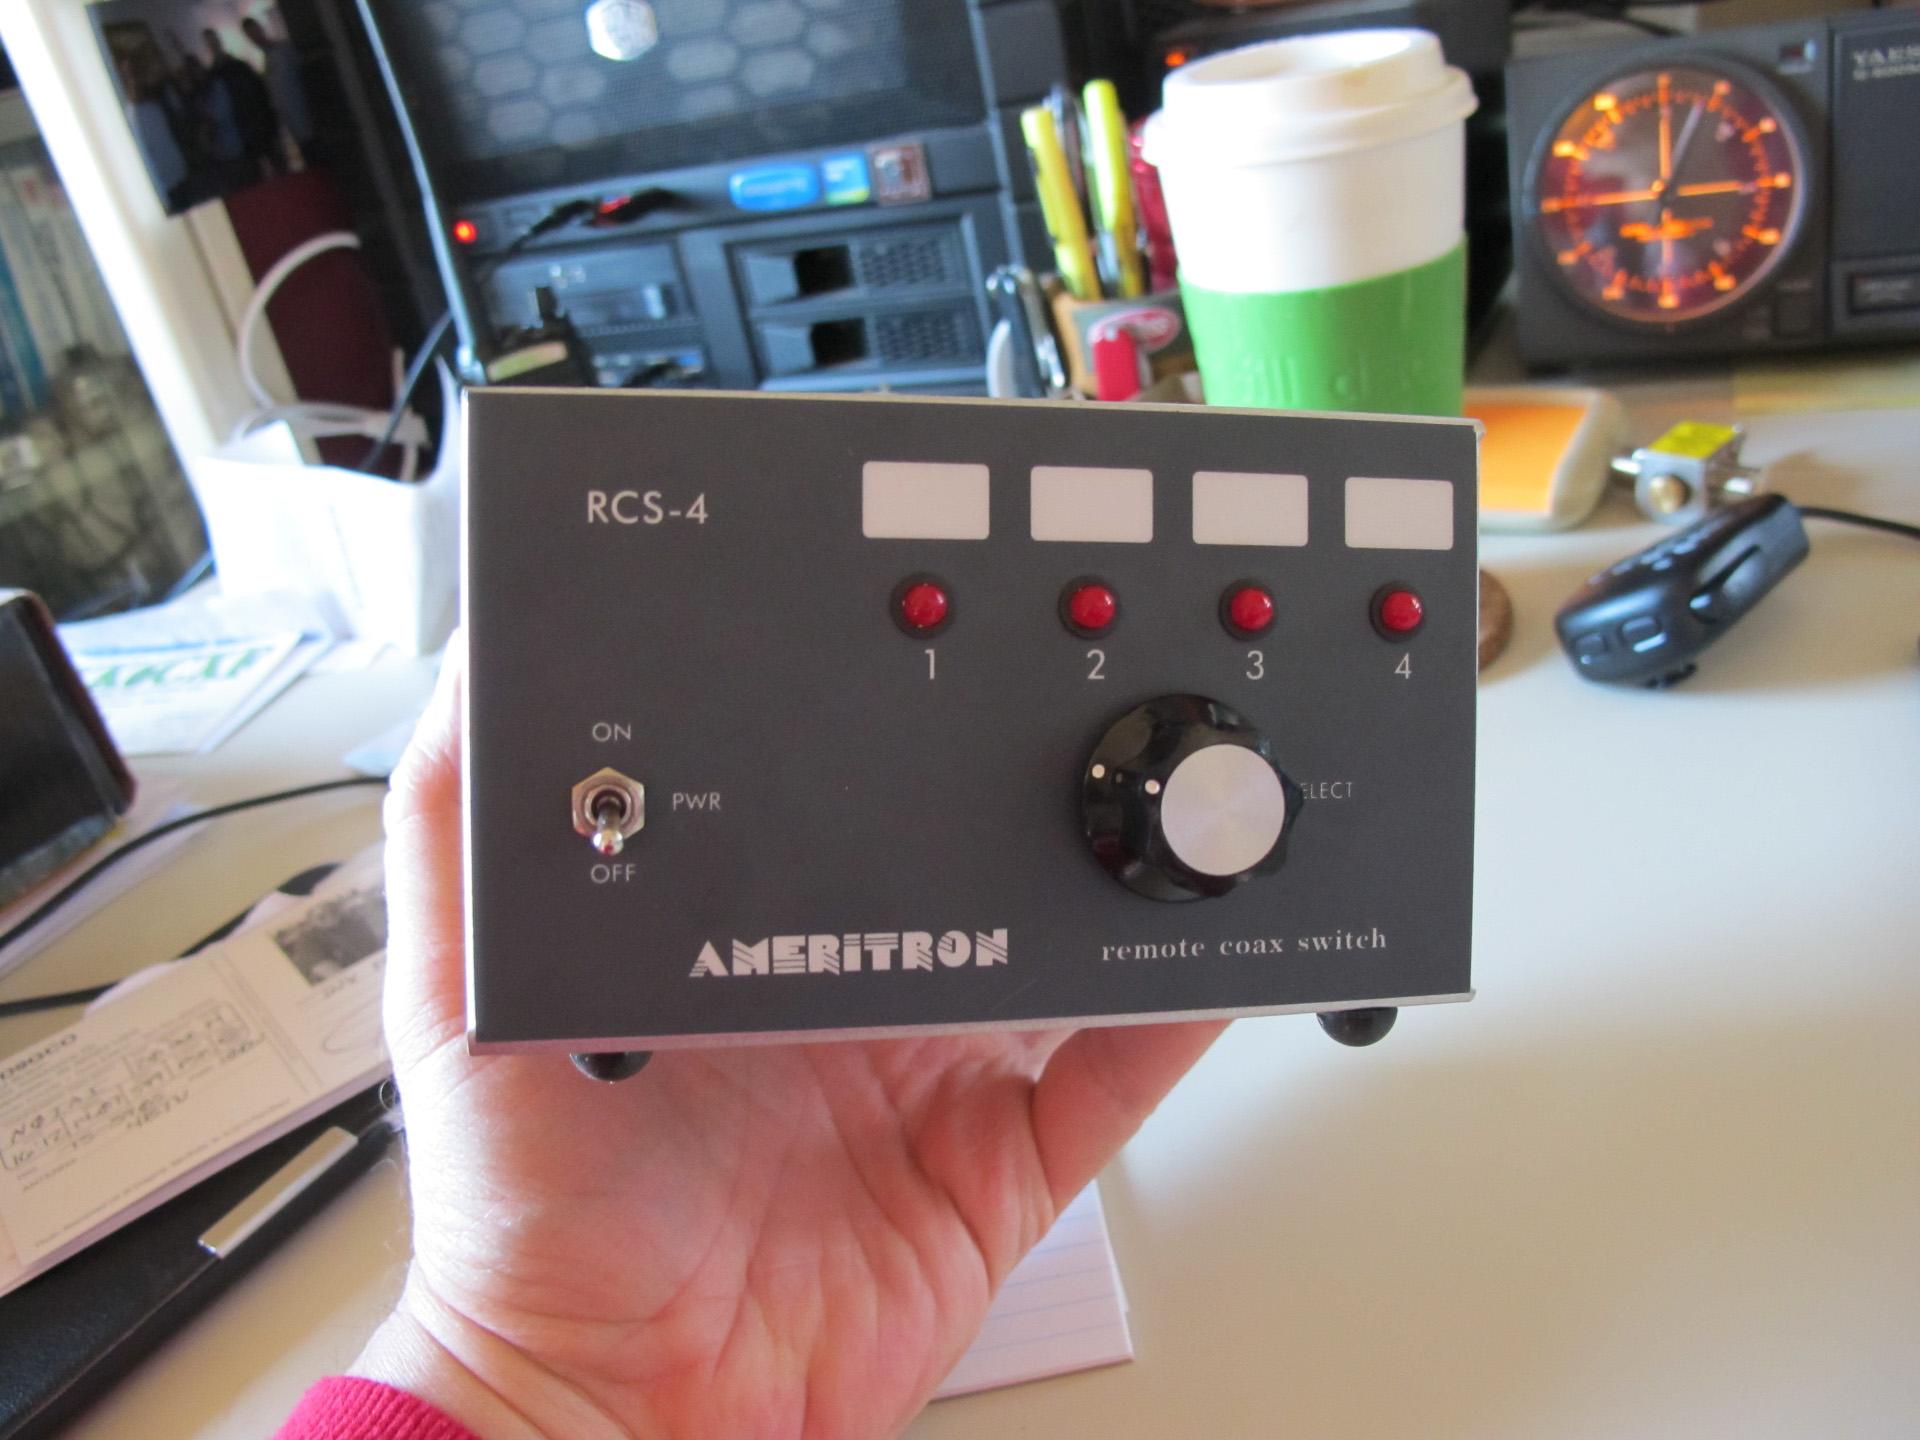 Ameritron RCS-4 Remote coax switch